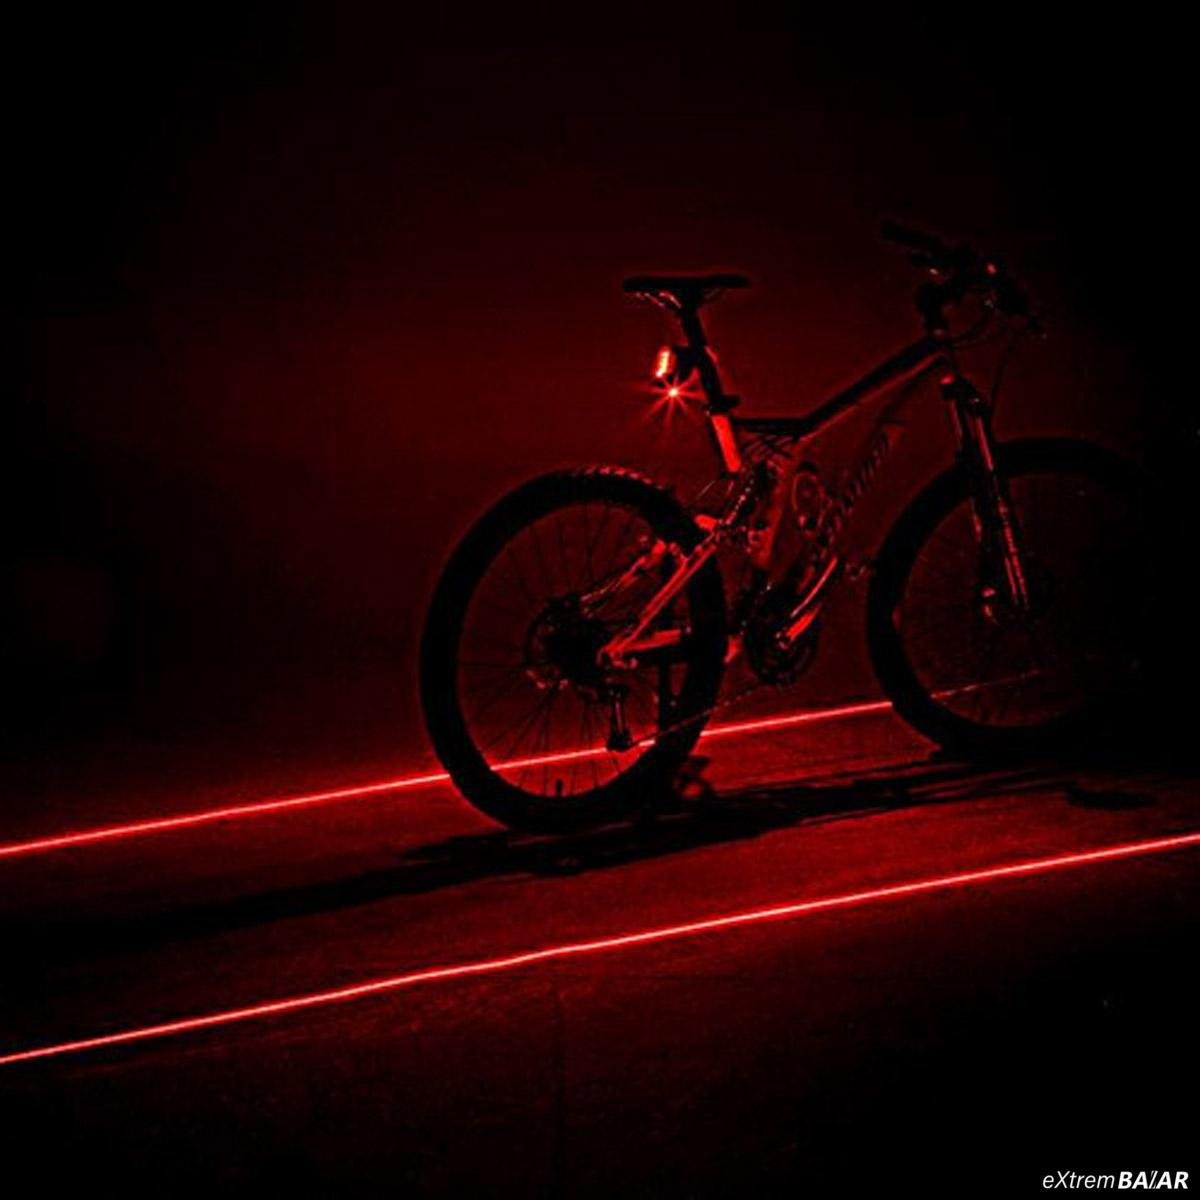 Kerékpár Laser Hátsó lámpa 2 Laser kisugárzás + 5 LED Bike